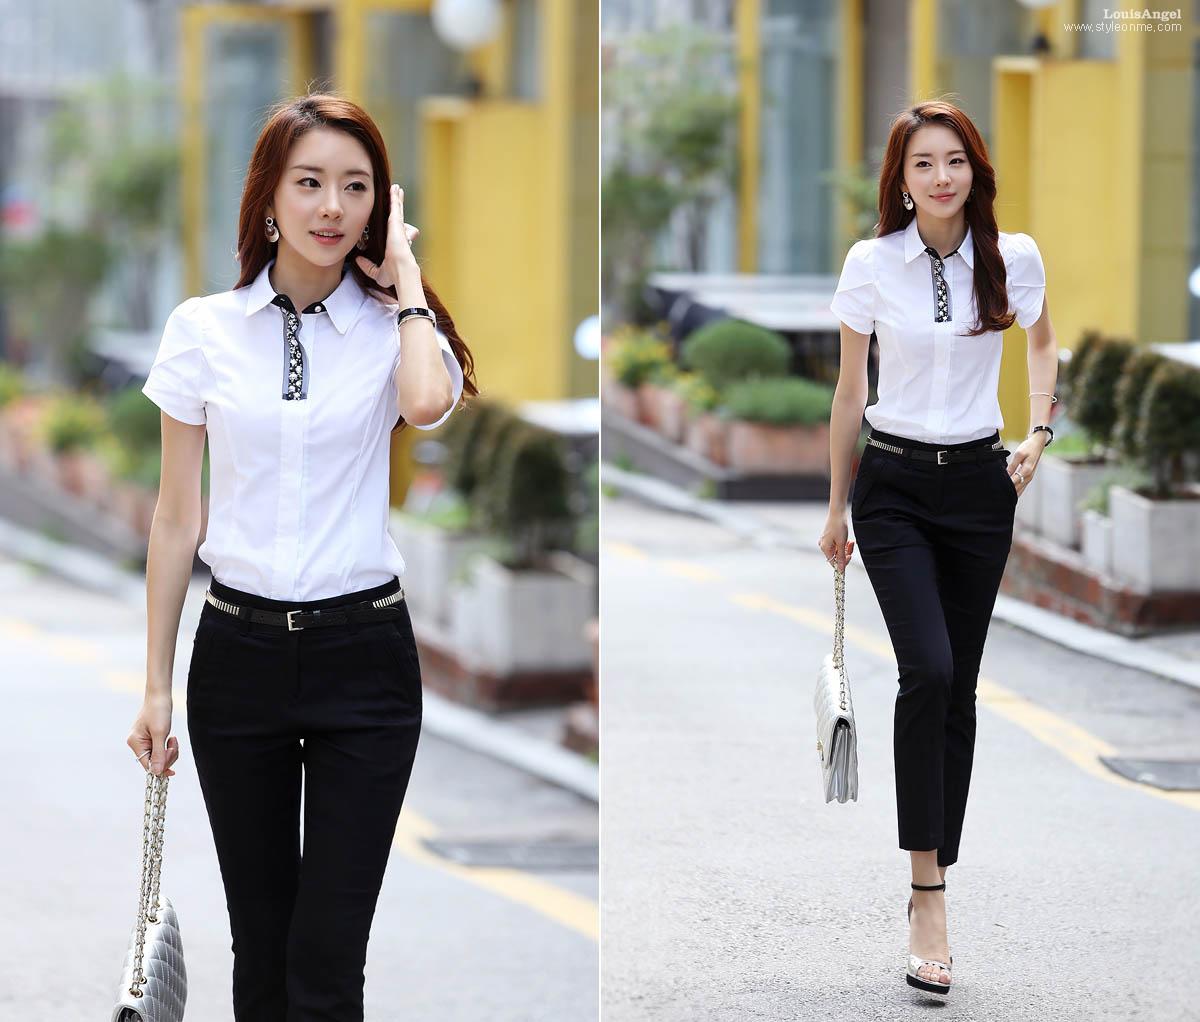 Kemeja Cantik Untuk Wanita Karir Toko Baju Online Jual Kemeja Wanita Baju Korea Atasan